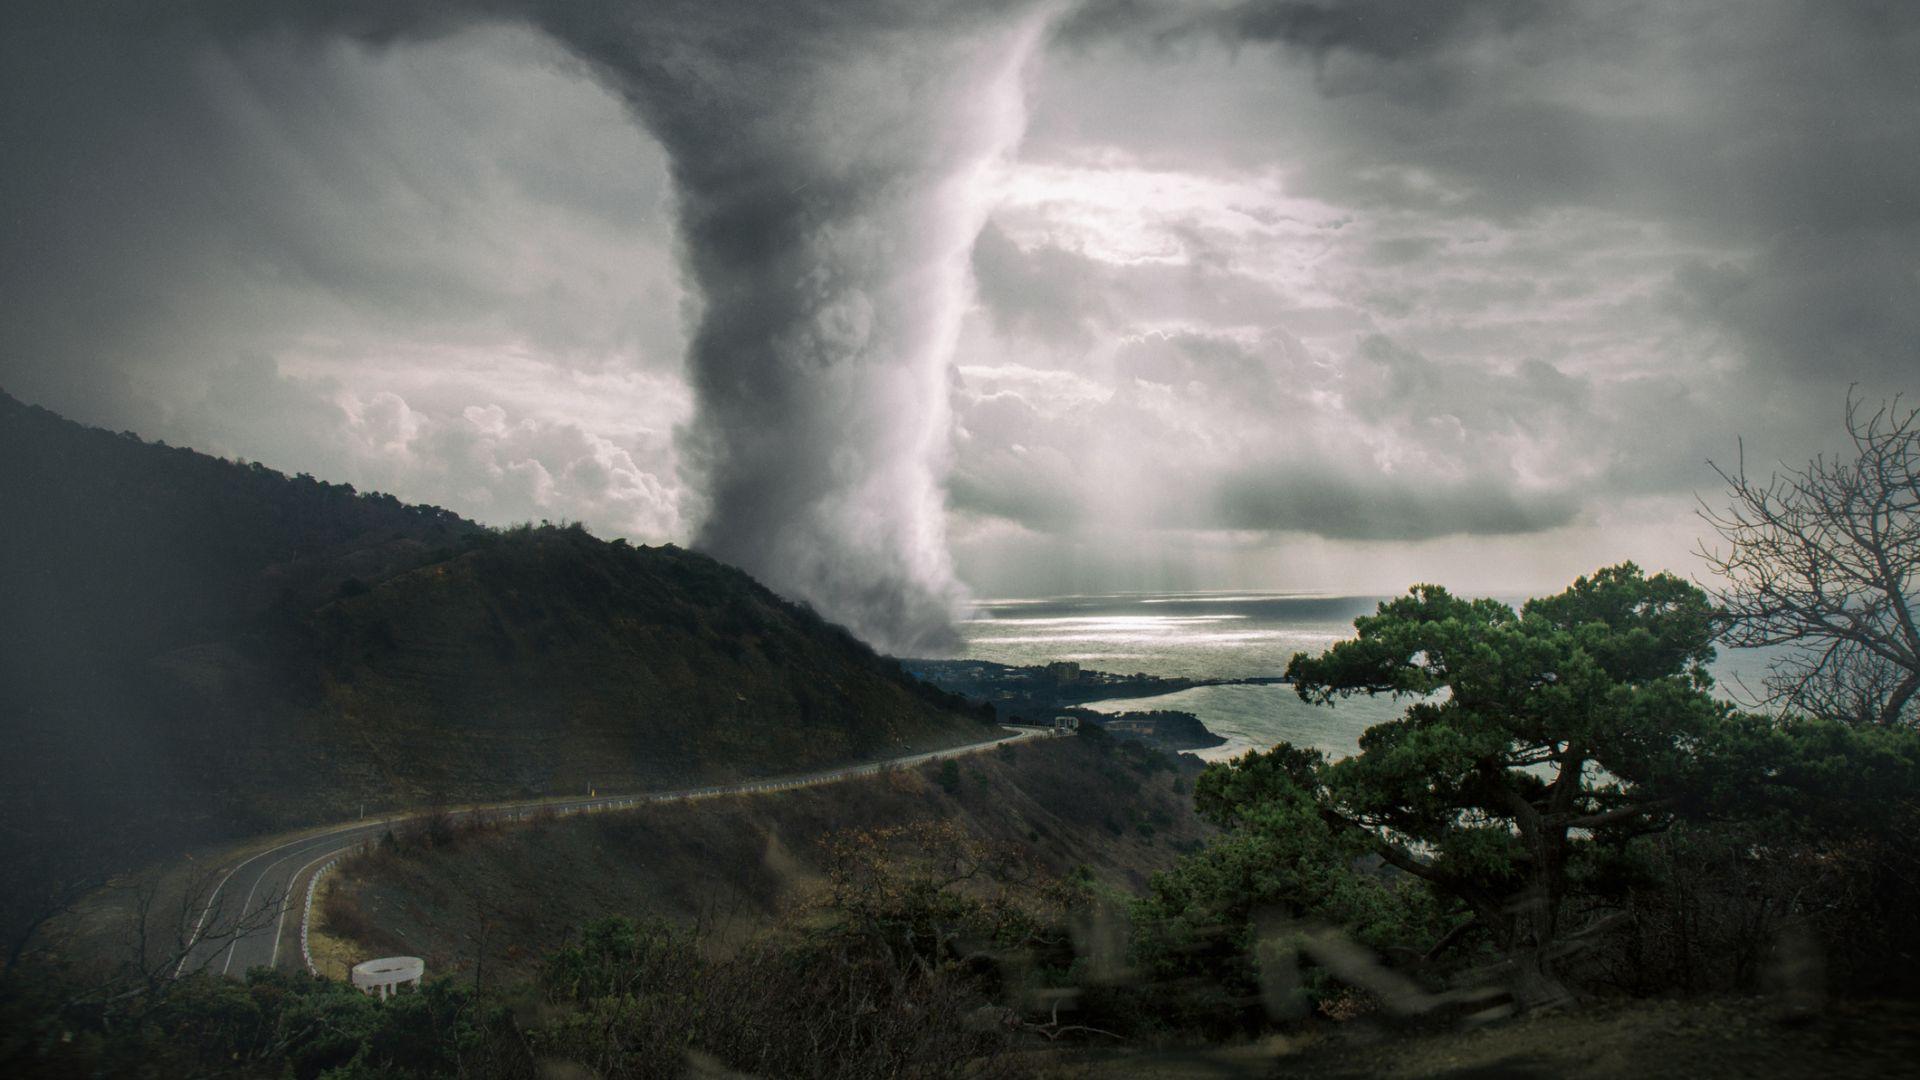 Метеорологичните бедствия  са се увеличили няколко пъти  през последните десетилетия